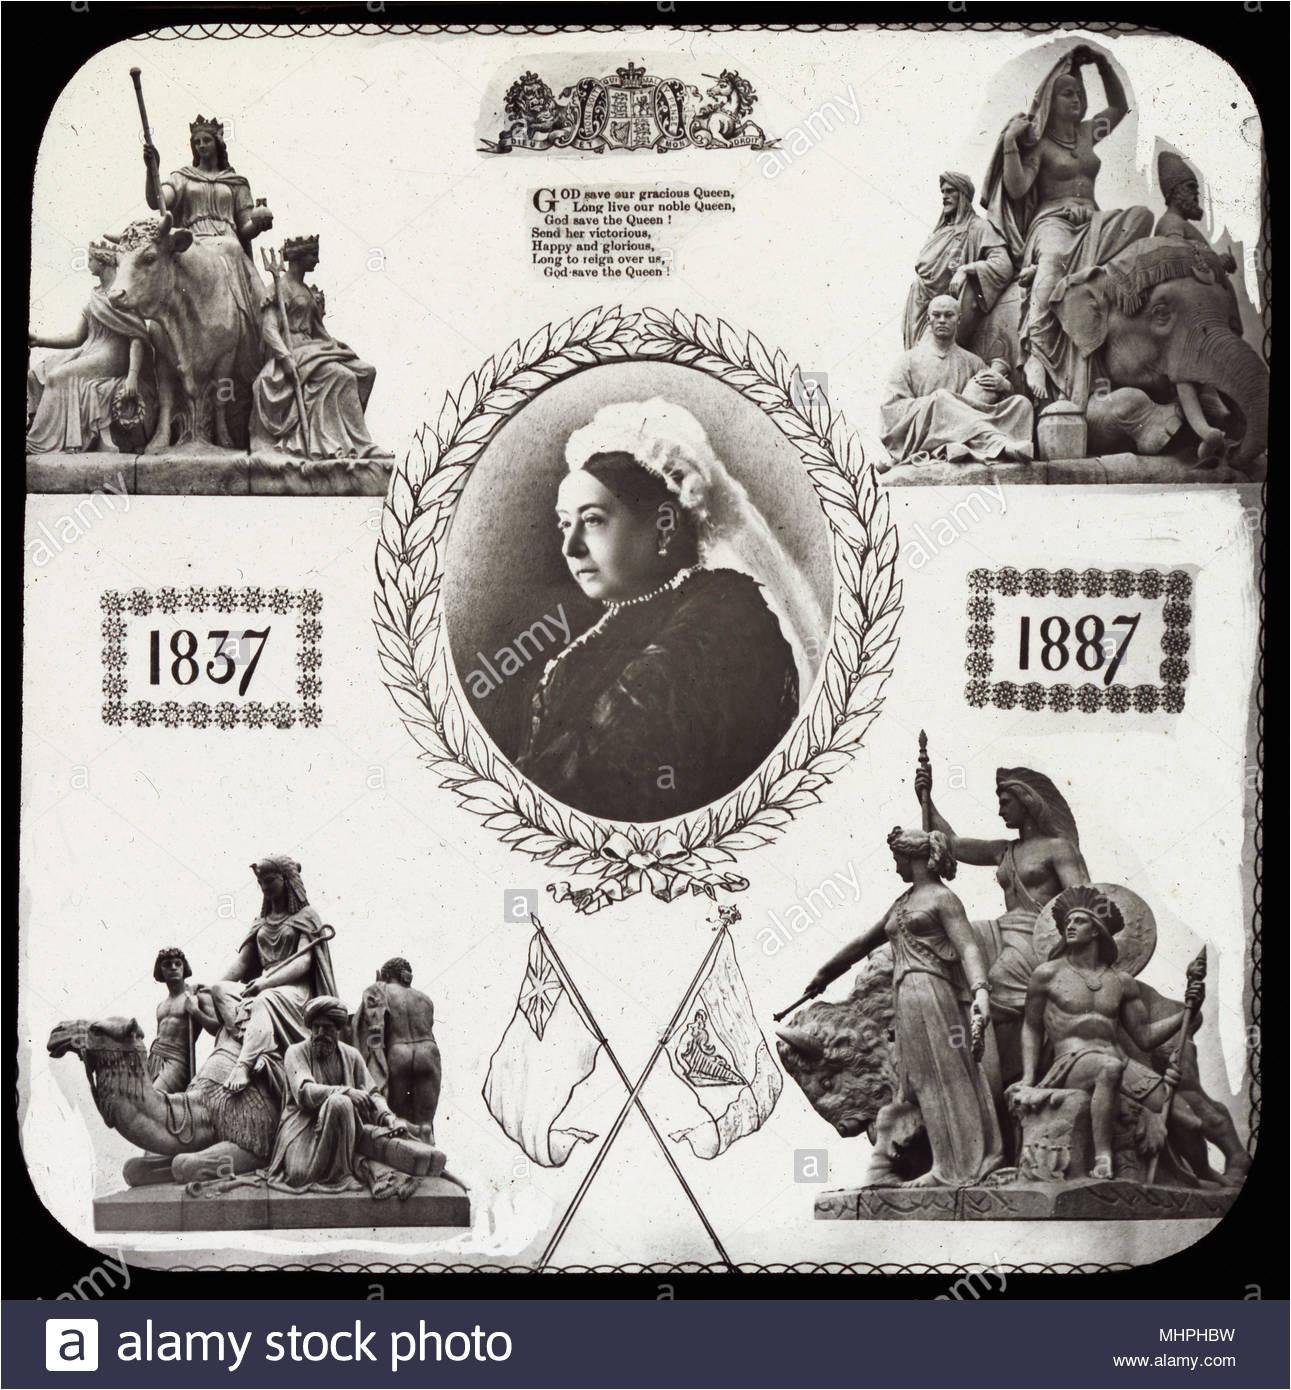 queen victoria golden jubilee gedenken ein portrait in der mitte mit skulpturen aus der albert memorial die an den vier ecken aus europa asien afrika und amerika datum 1887 mhphbw jpg